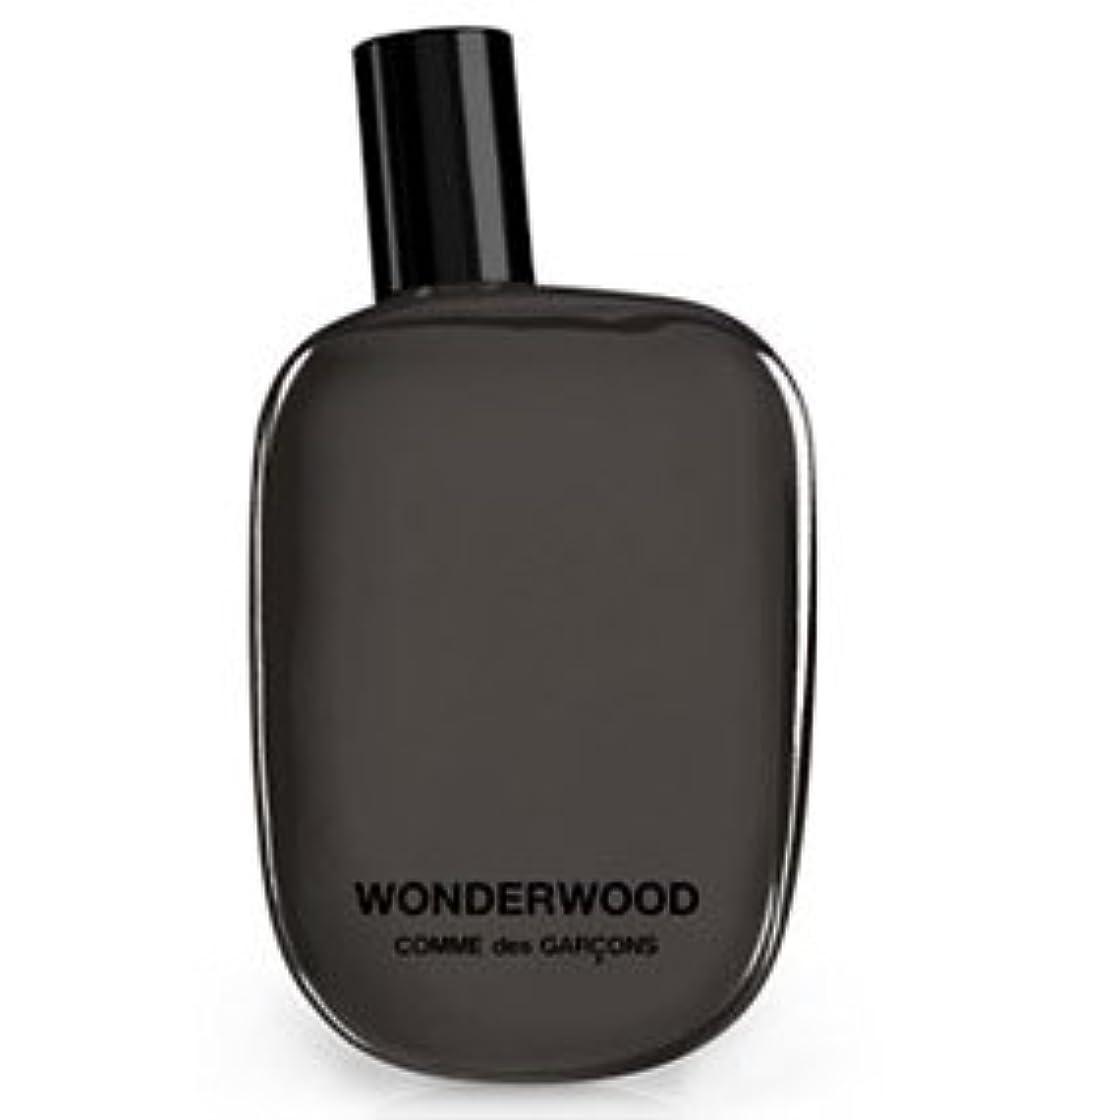 カート導体快適Wonderwood (ワンダーウッド) 3.4 oz (100ml) EDP Spray by Comme des Garcons for Women